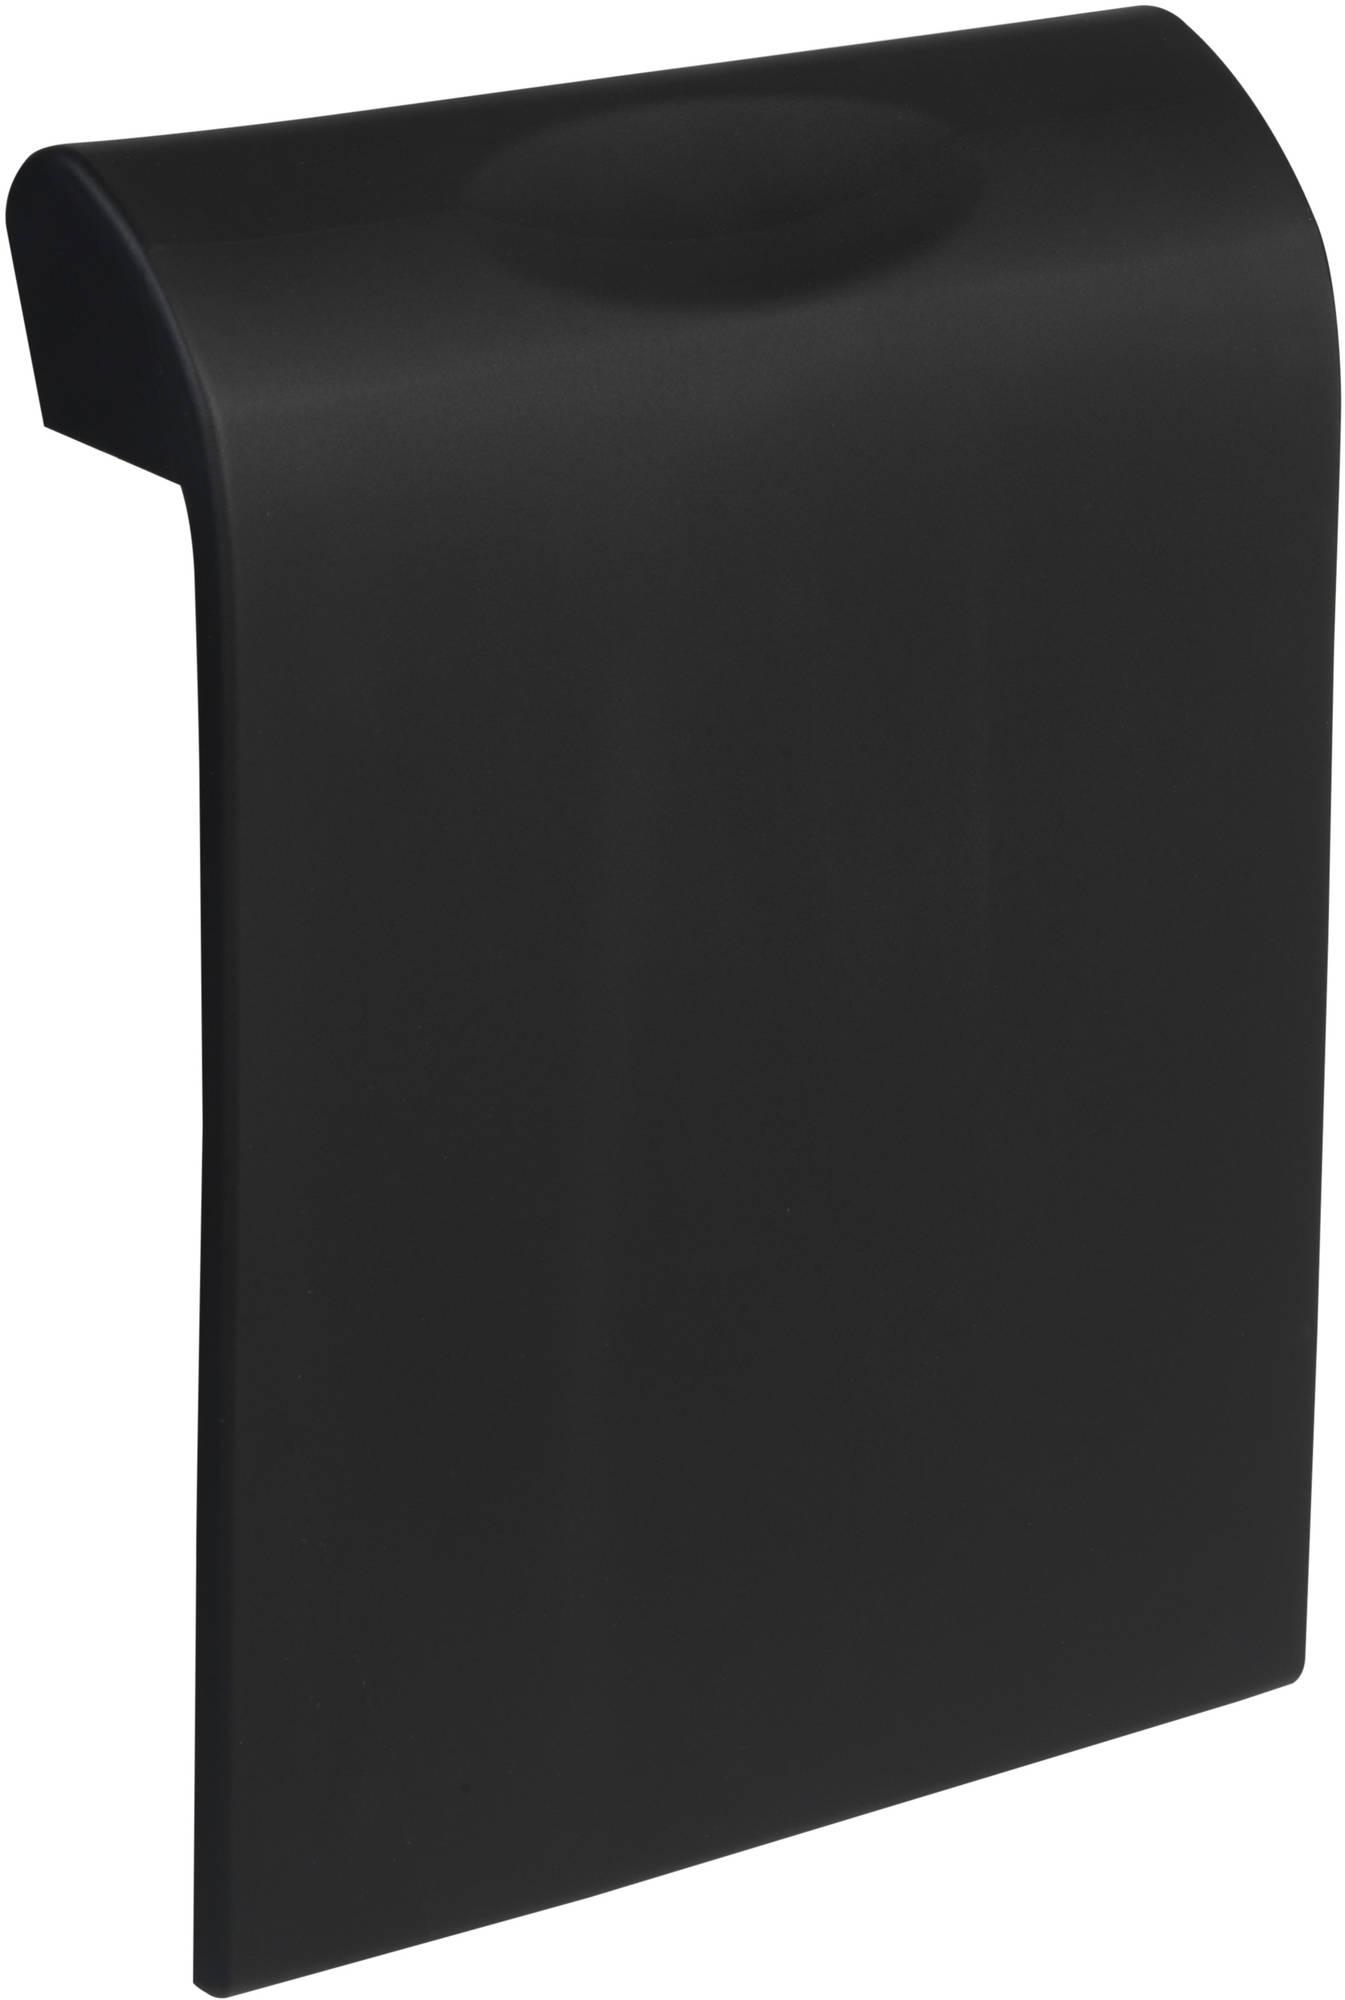 Ben Comfort Badkussen 34x40cm Zwart